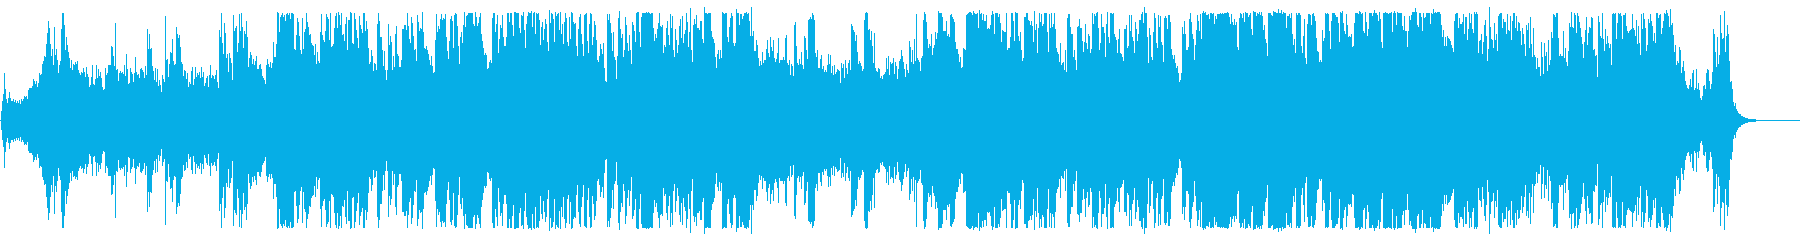 シネマティックトレーラーBGM2の再生済みの波形